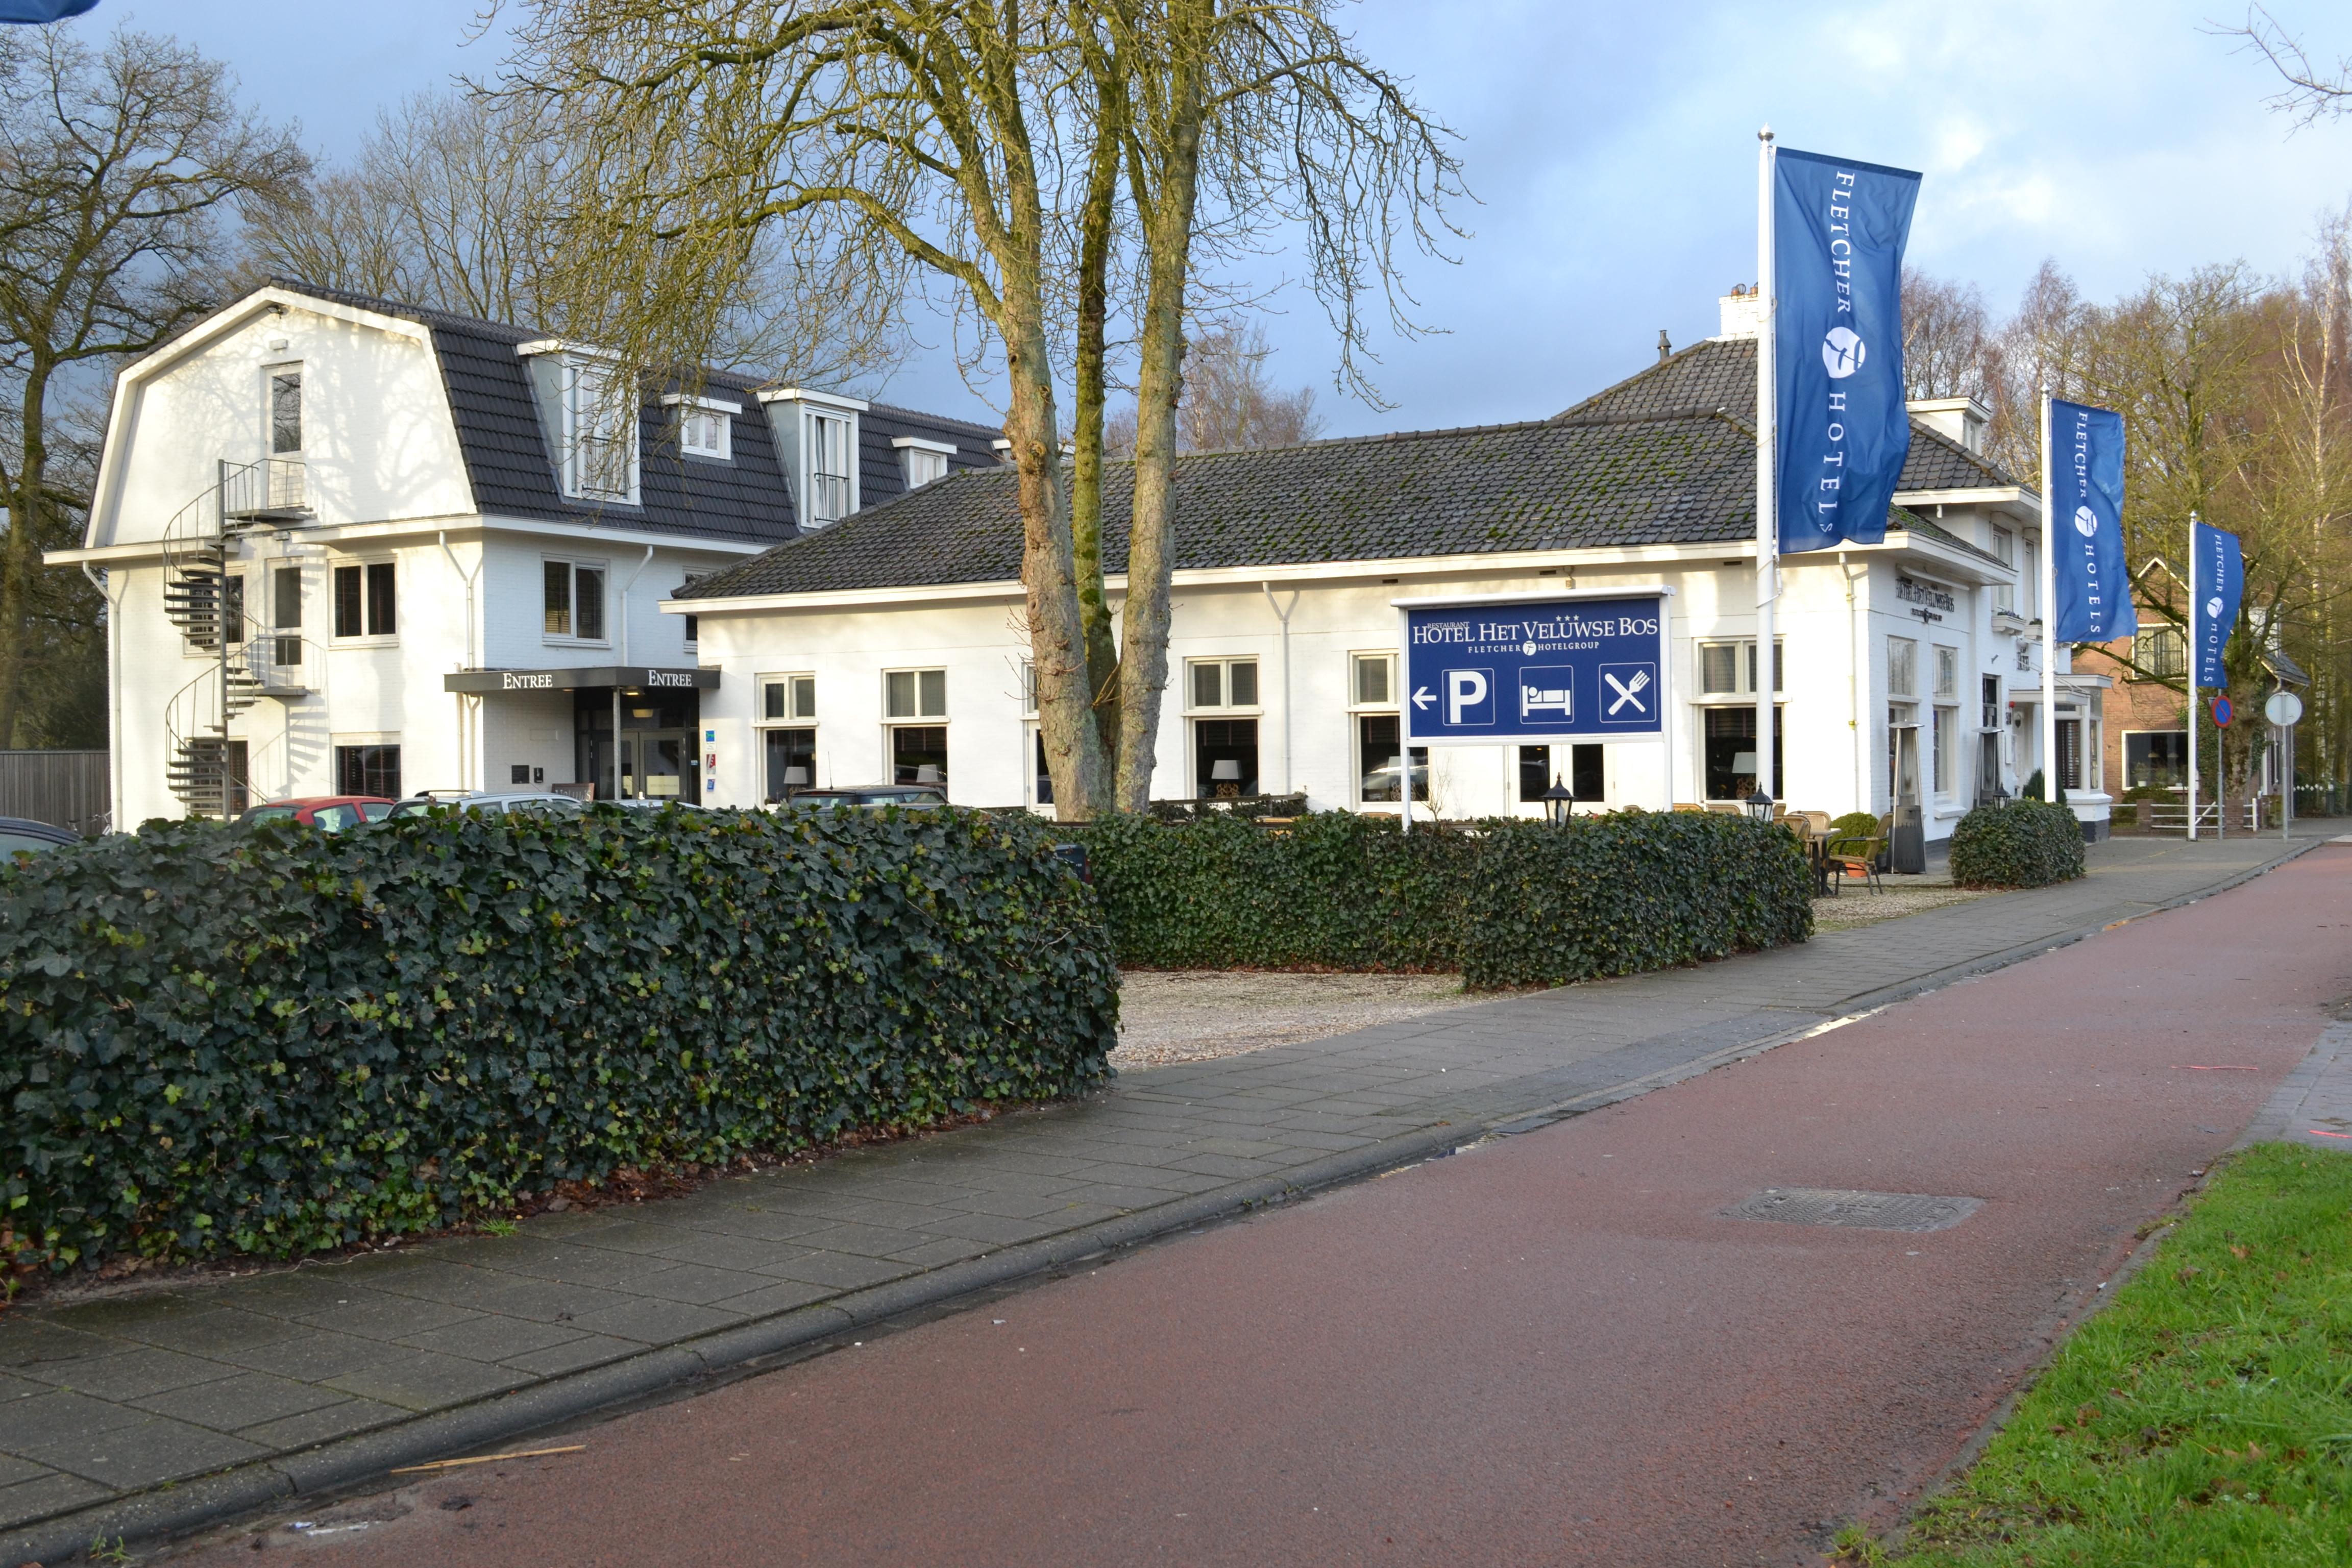 Fletcher Hotel-Restaurant Het Veluwse Bos, Apeldoorn